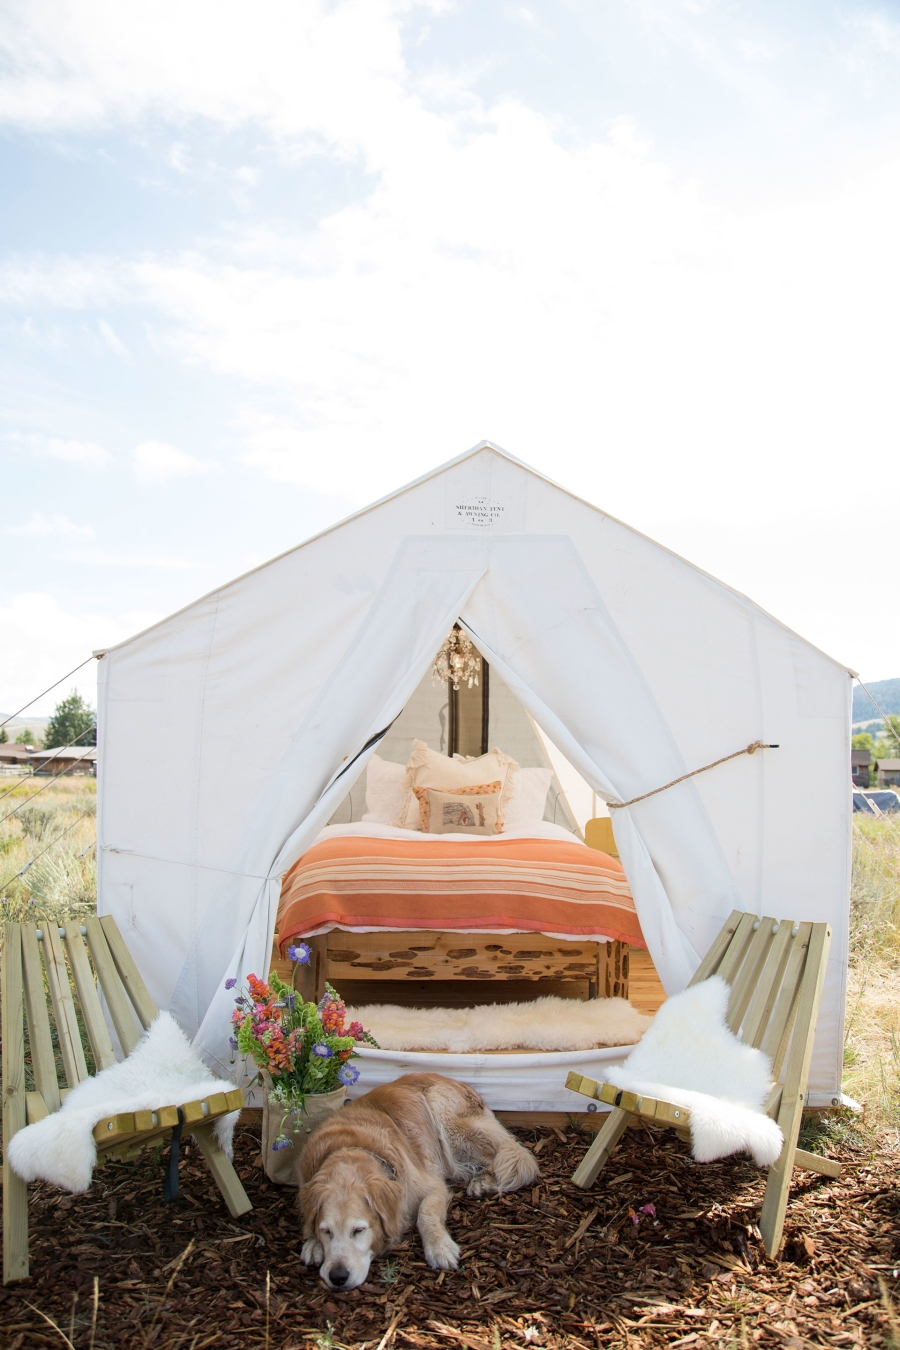 Dom - namiot w stylu glamour - wystrój wnętrz, wnętrza, urządzanie mieszkania, dom, home decor, dekoracje, aranżacje, styl rustykalny, styl glamour, namiot